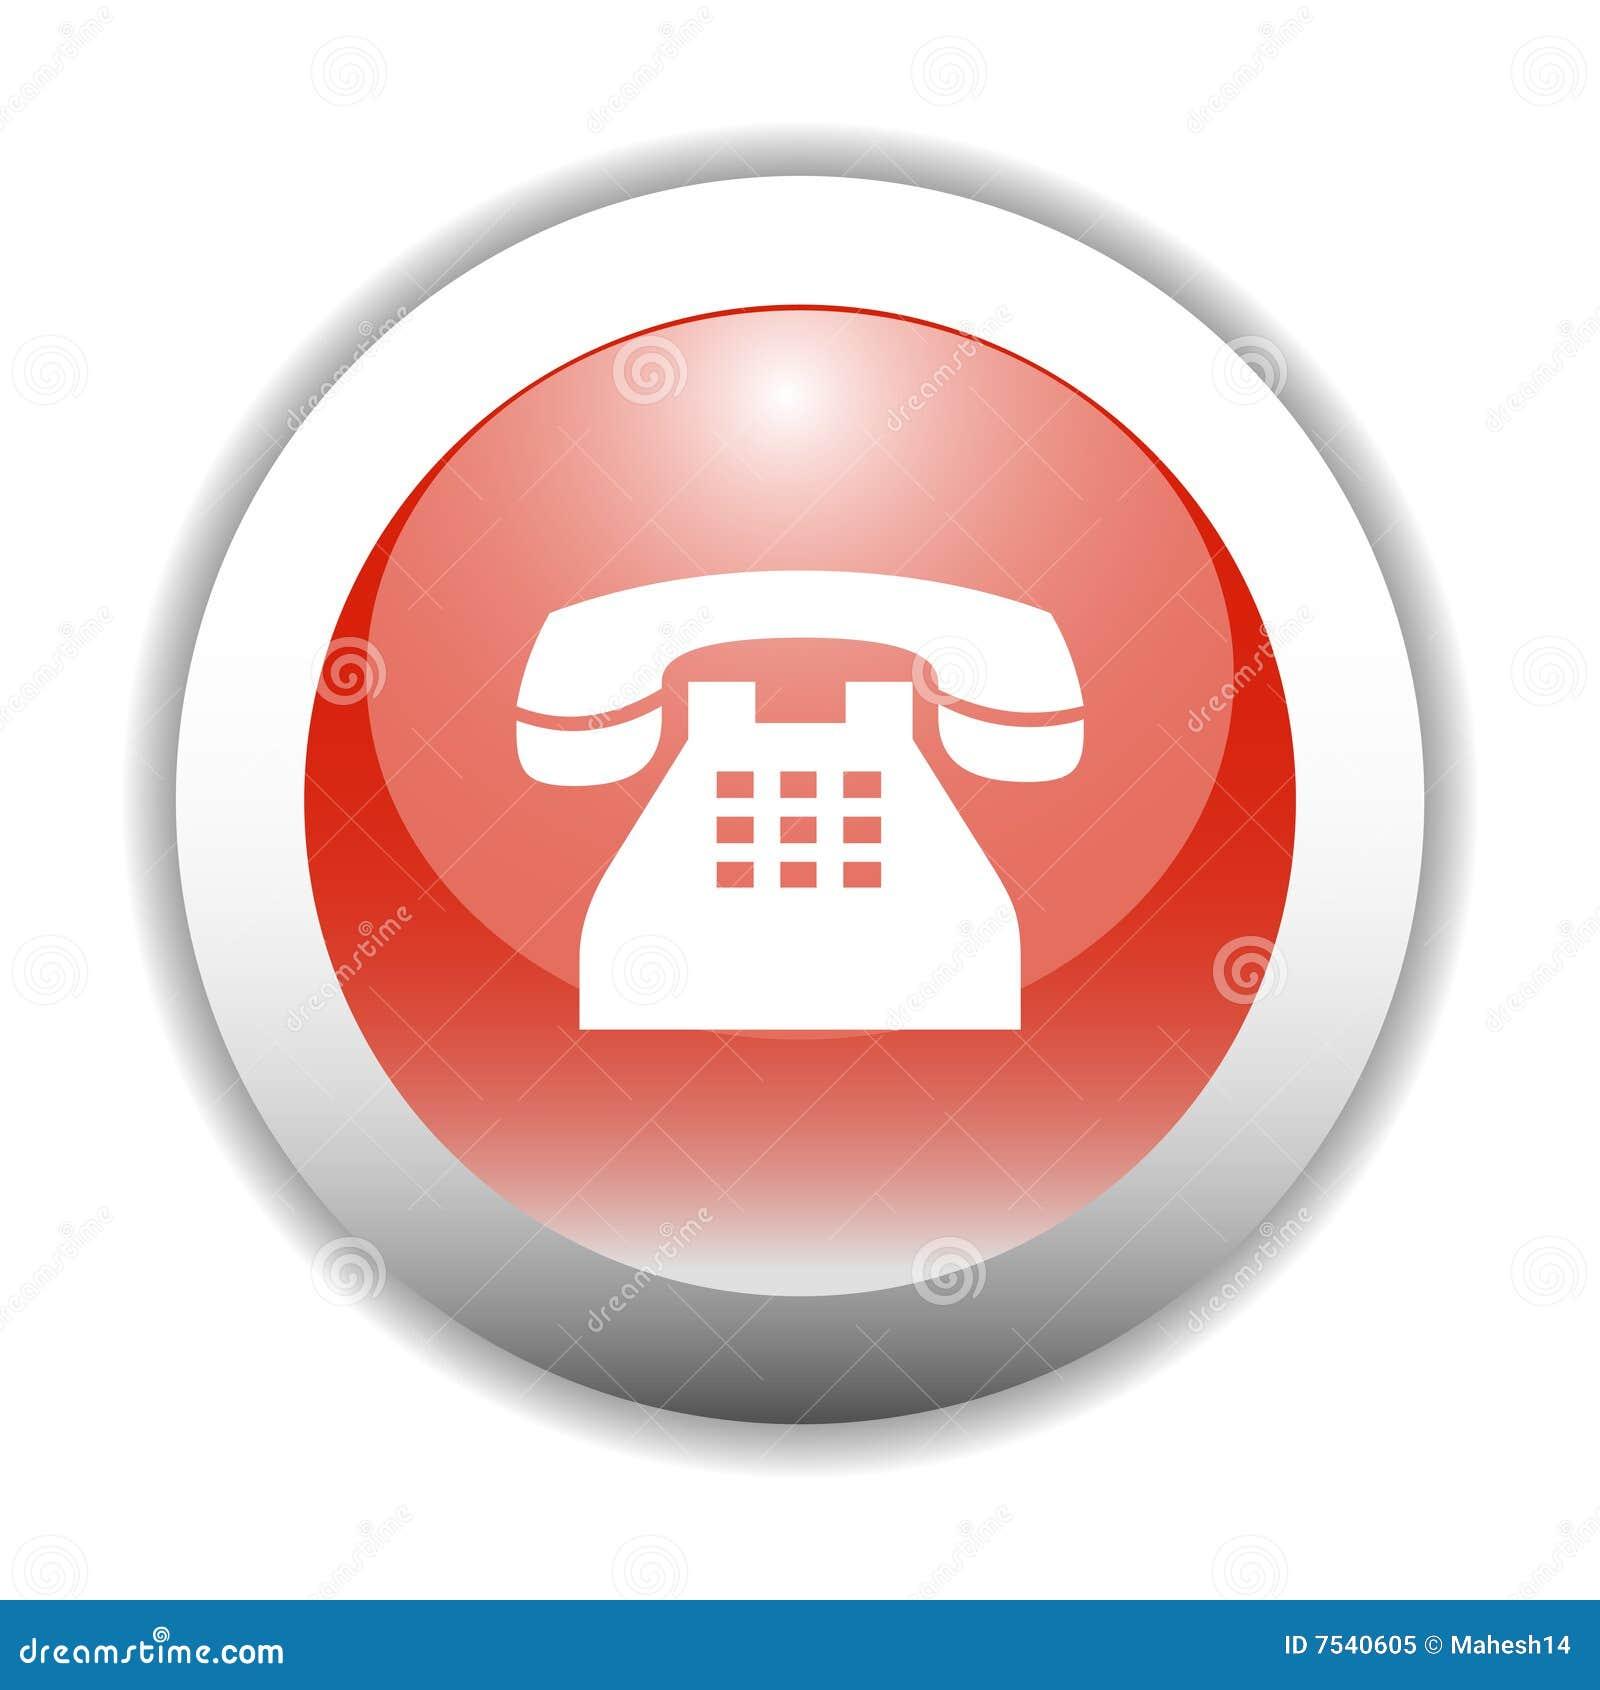 För symbolstecken för knapp glansig telefon